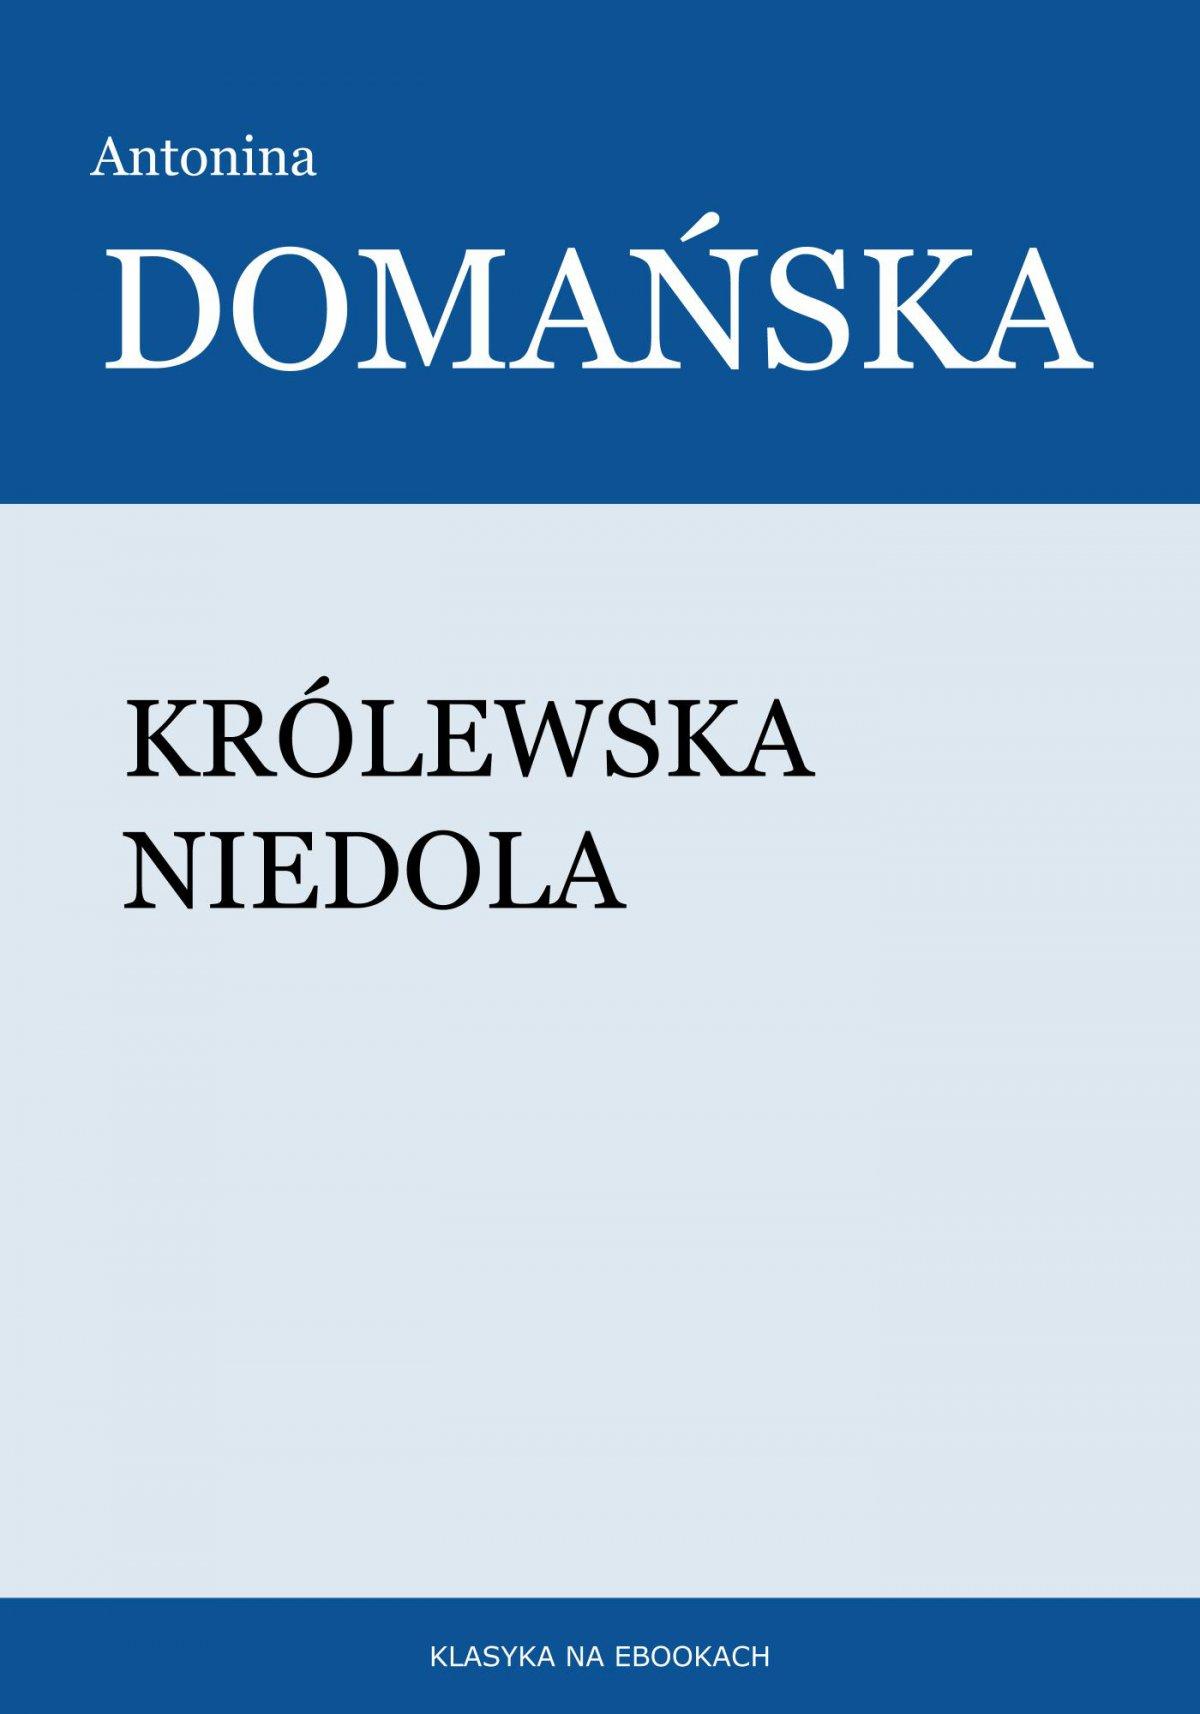 Królewska niedola - Ebook (Książka na Kindle) do pobrania w formacie MOBI